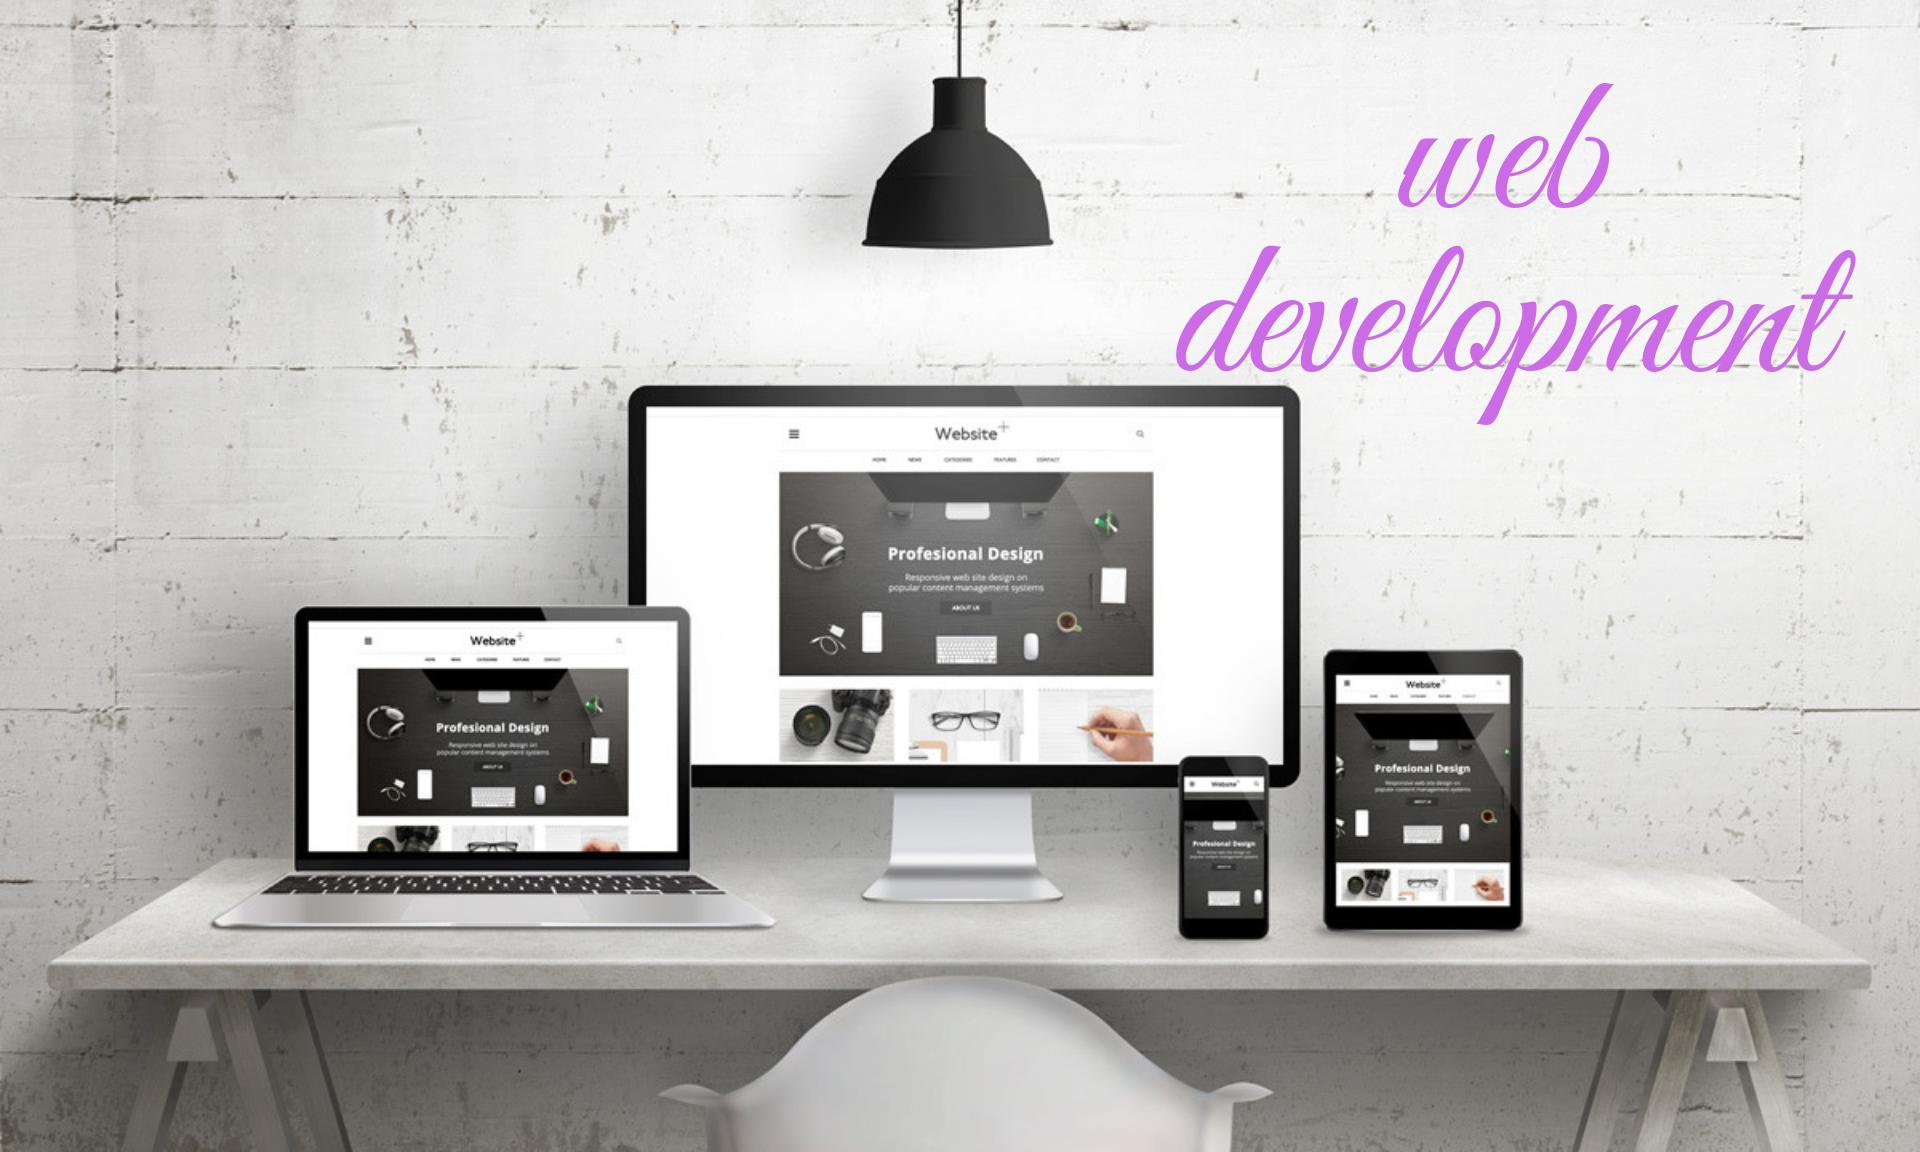 The Best Web Development Service Agency In Miami Web Design Agency Web Development Design Web Design Tips